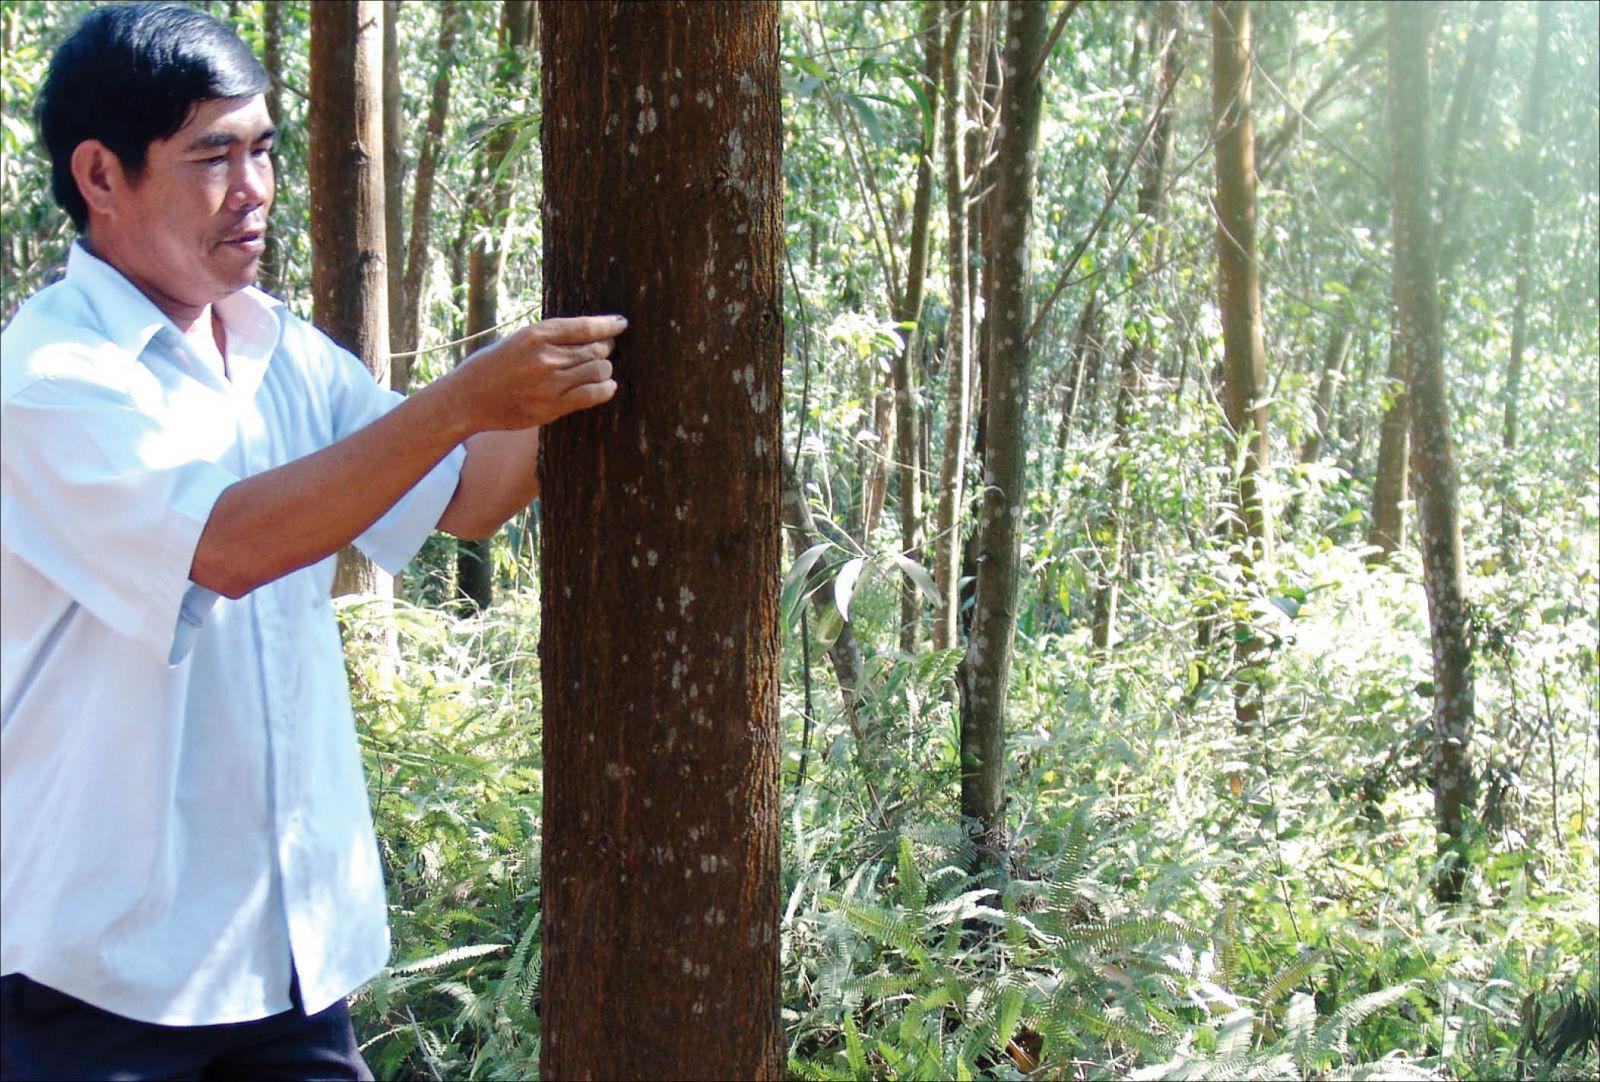 Tổng Cục trưởng Tổng cục Lâm nghiệp: Lũ lụt ở miền Trung do biến đổi khí hậu, không phải do phá rừng - Ảnh 2.